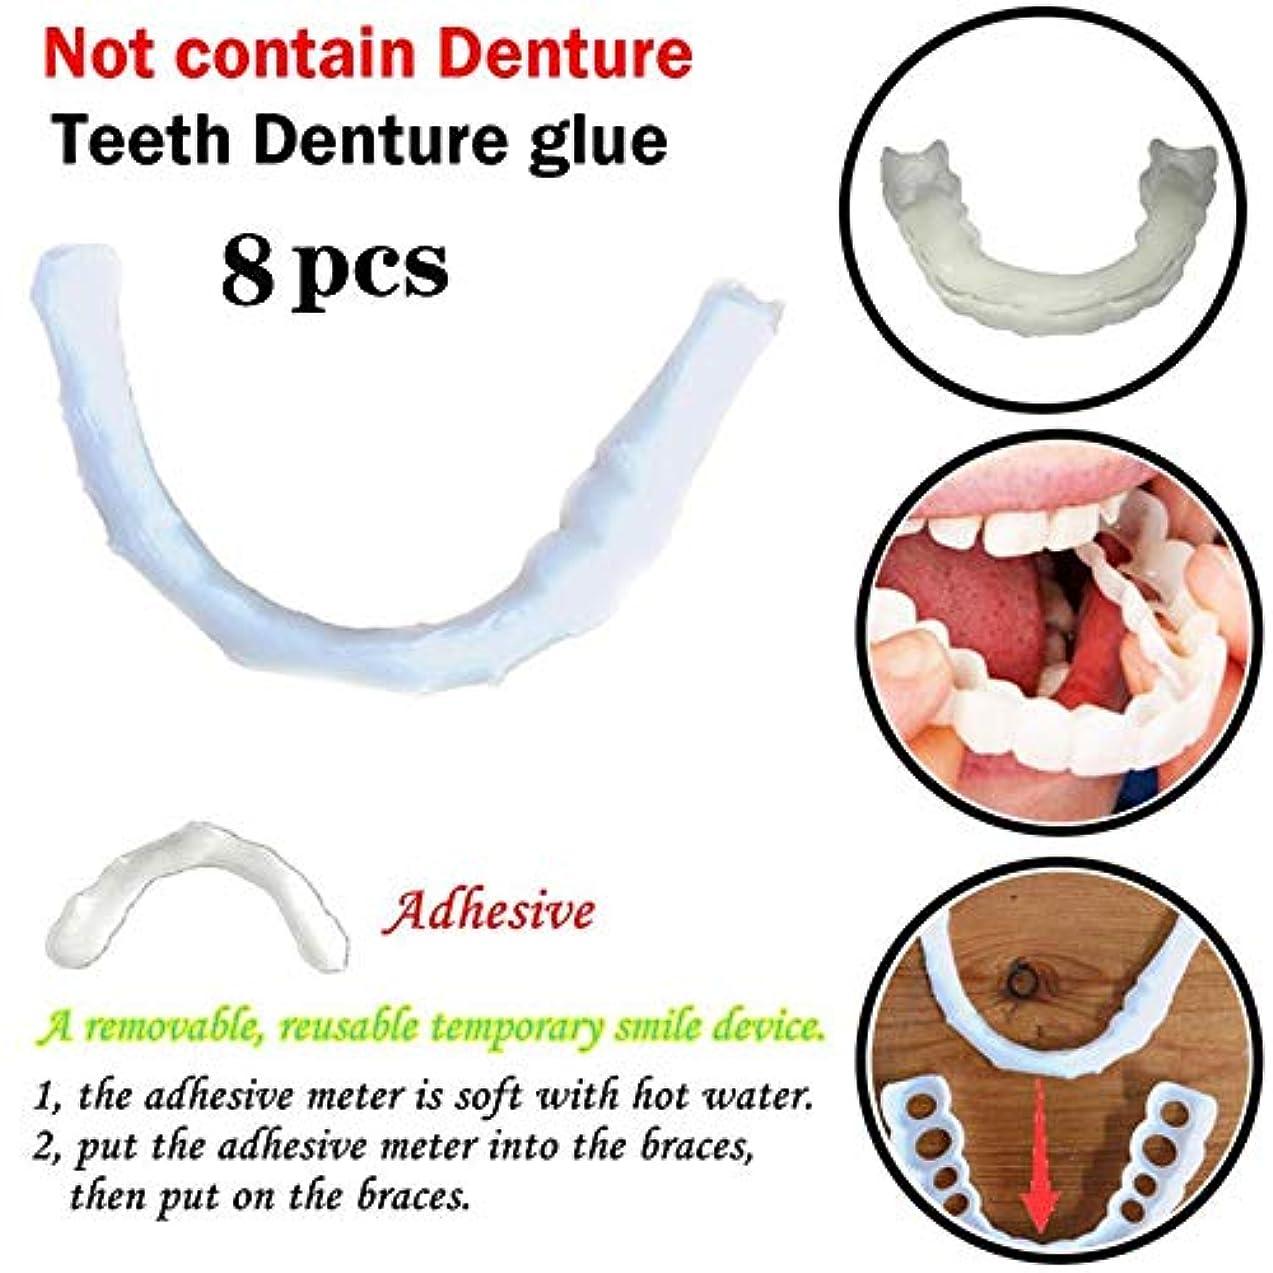 マンモス子孫眠いです8ピースシリコン偽歯科義歯カバー一時的な笑顔快適なフィット美義歯義歯接着剤